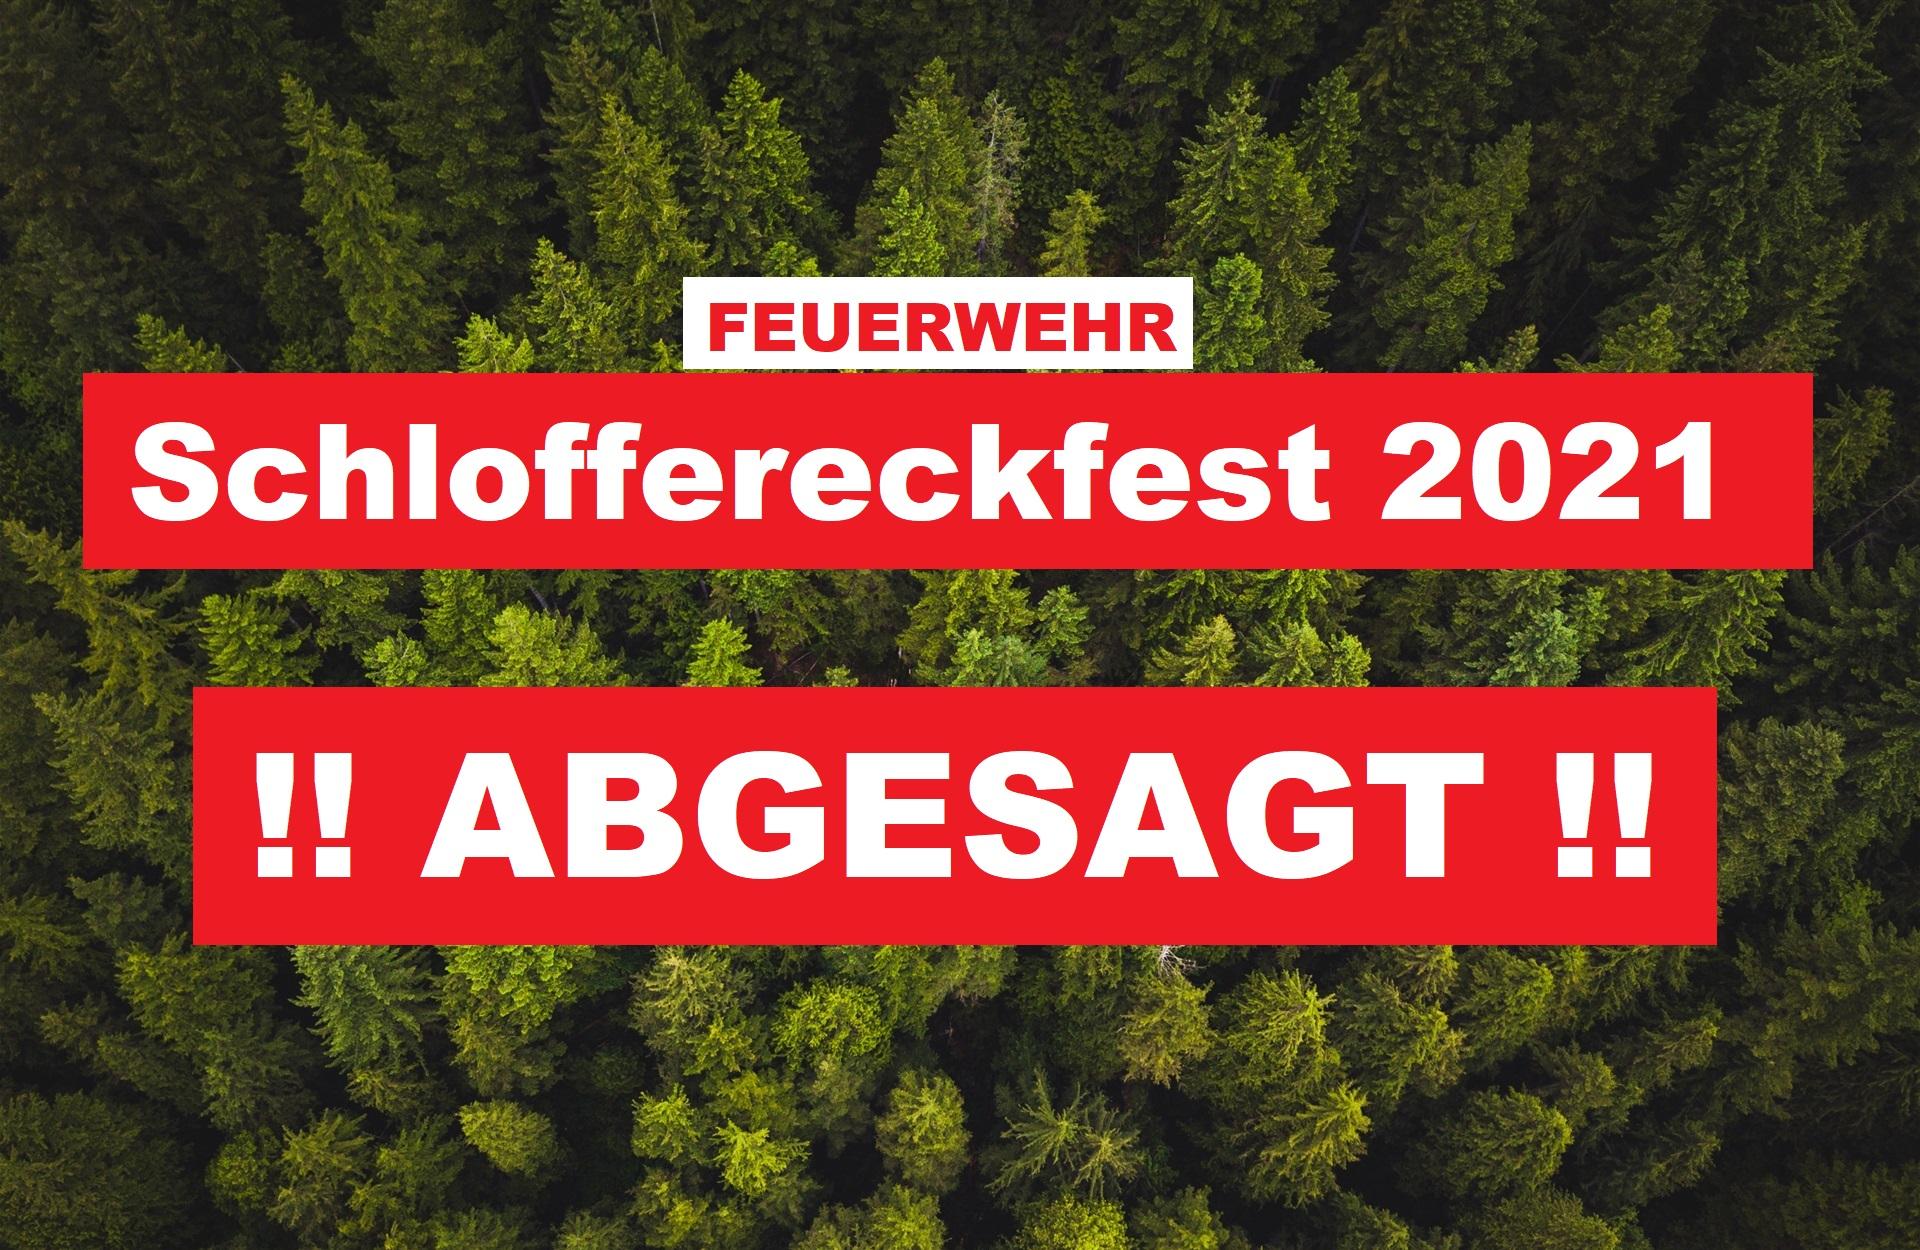 Schloffereckfest 2021 abgesagt